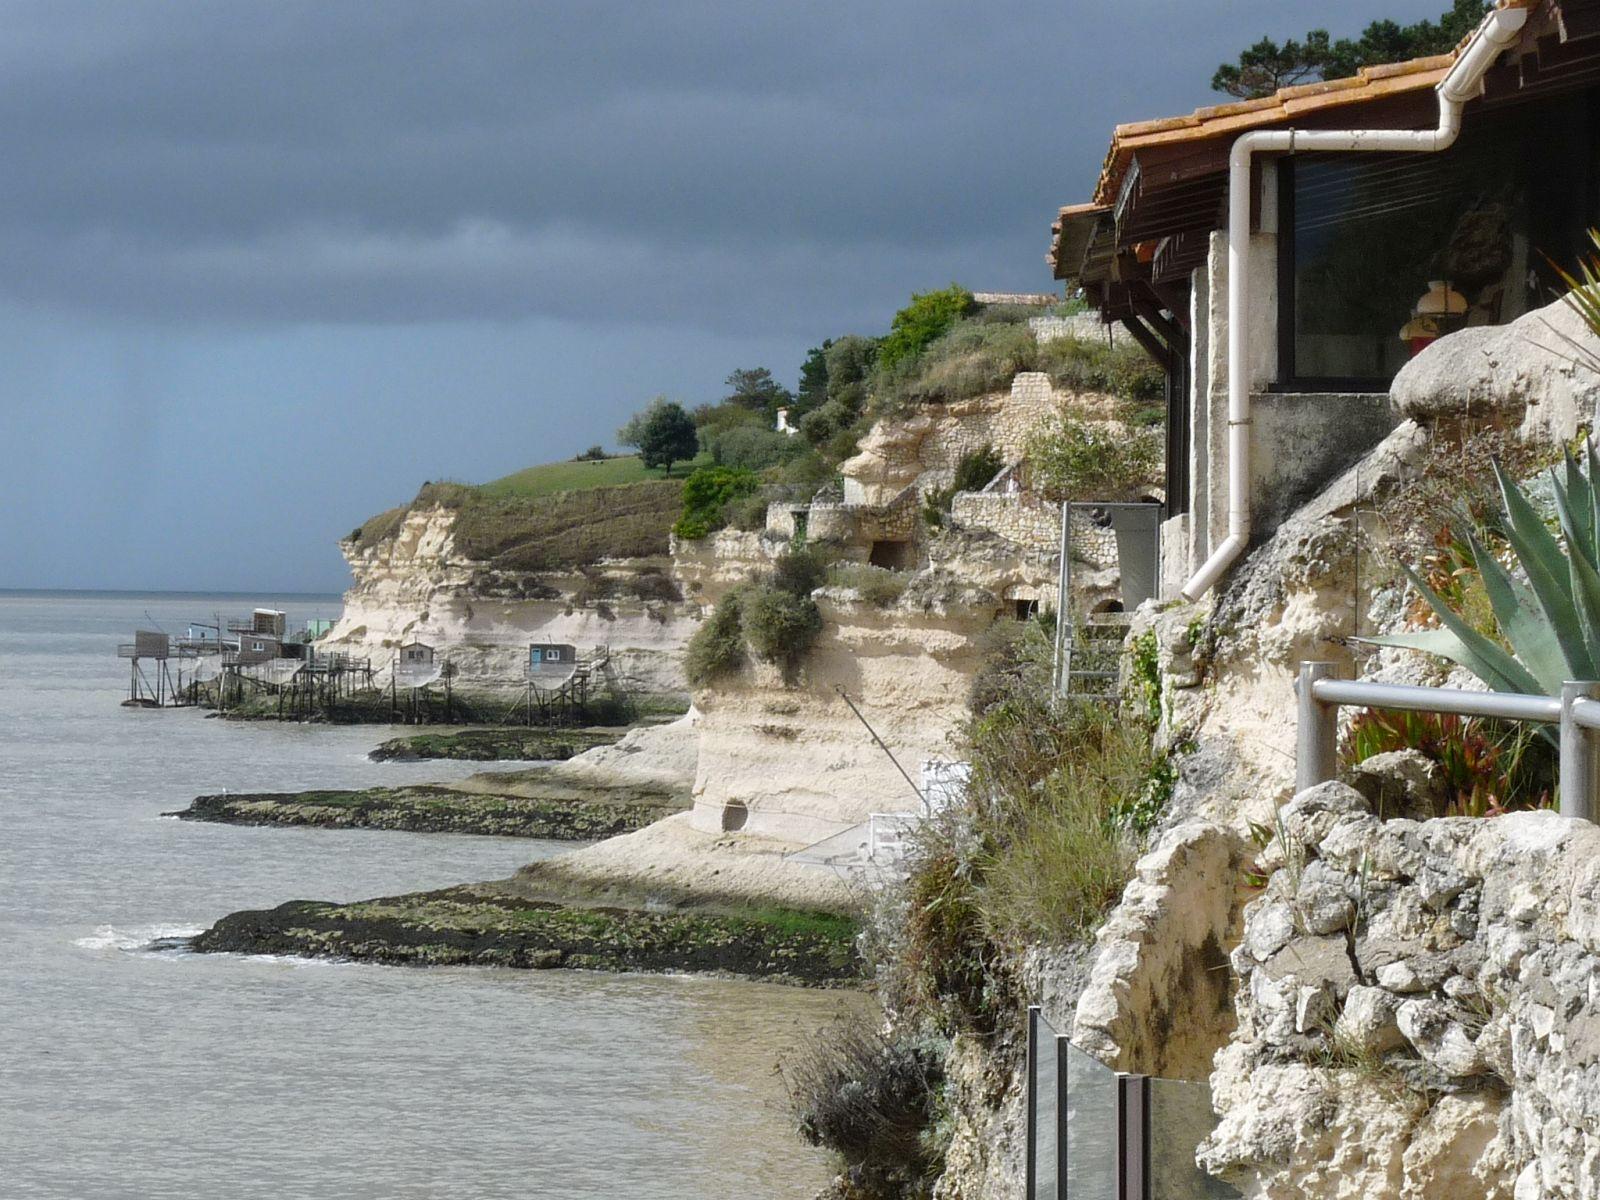 Grottes de calcaire du Régulus, site troglodytique de Charente